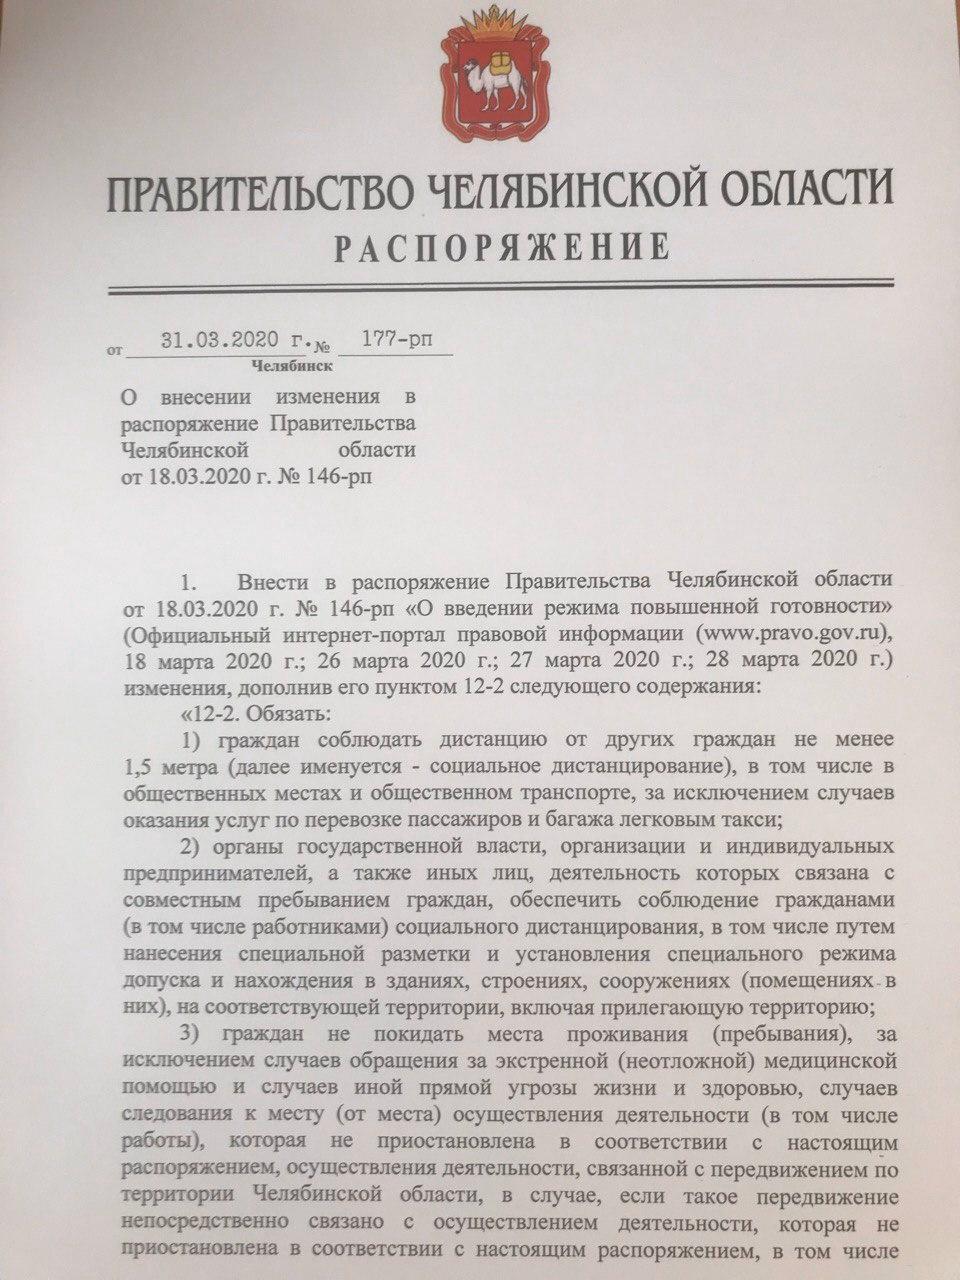 Распоряжение губернатора уместилось на двух листах